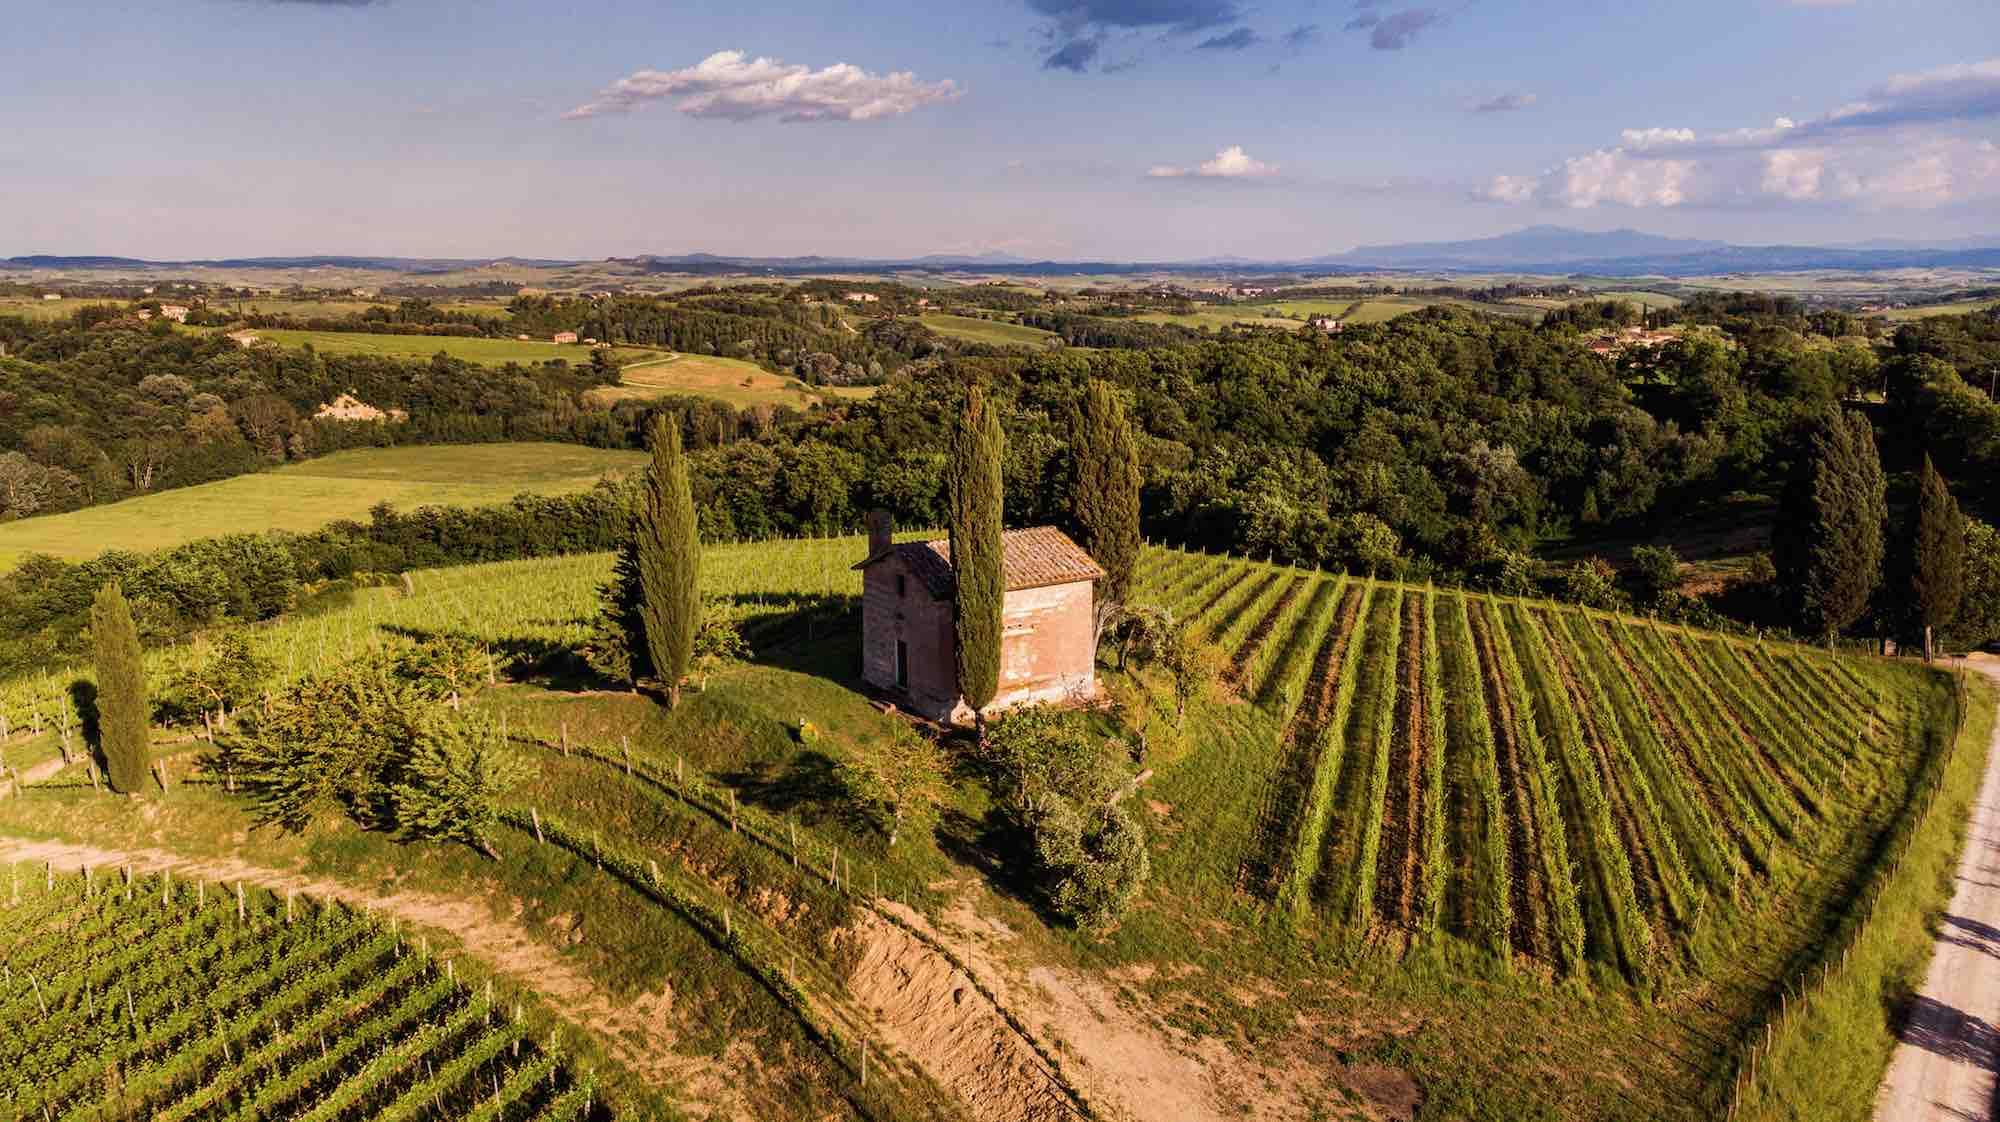 La chiesa simbolo dell'azienda vitivinicola San Giorgio a Lapi a cavallo tra Chianti Classico e Colli Senesi